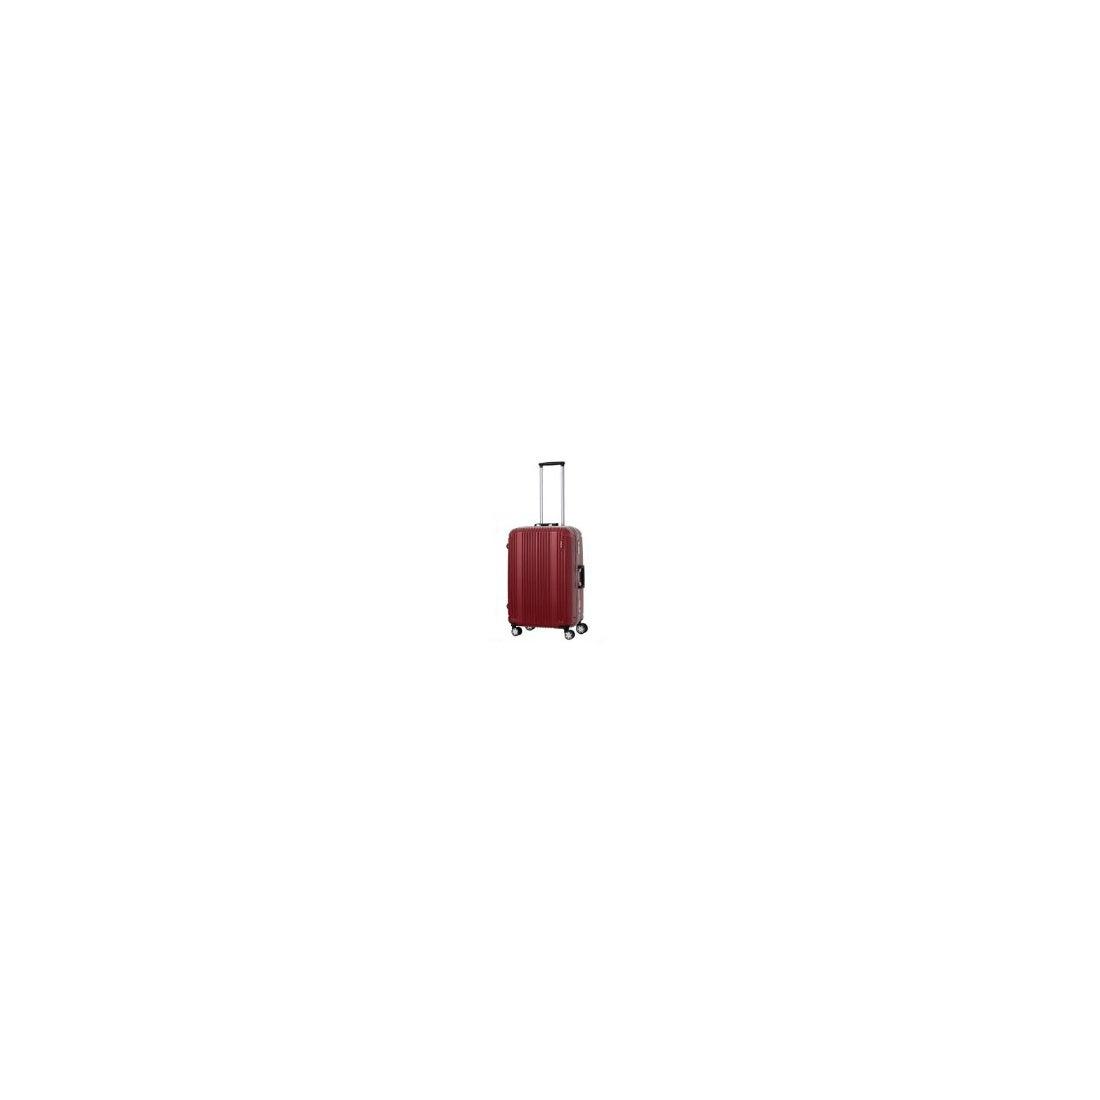 ロコンド 靴とファッションの通販サイト【SAC'SBAR】バーマスBERMASスーツケース6026668cmプレステージ2【44】ワイン